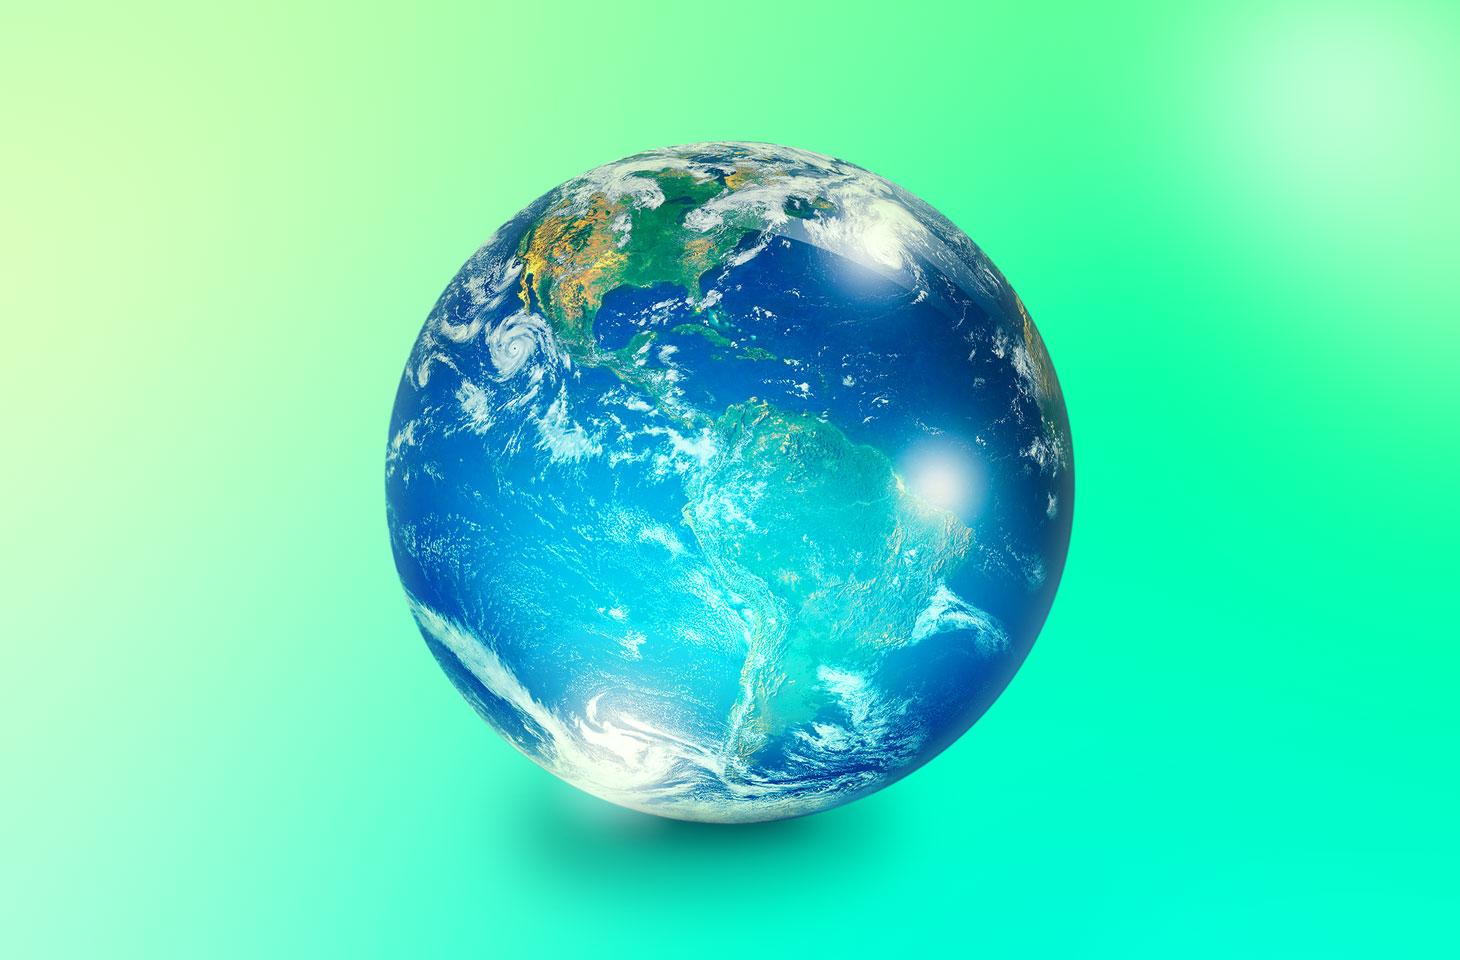 環境に優しいITへの移行:その方法とそうする理由